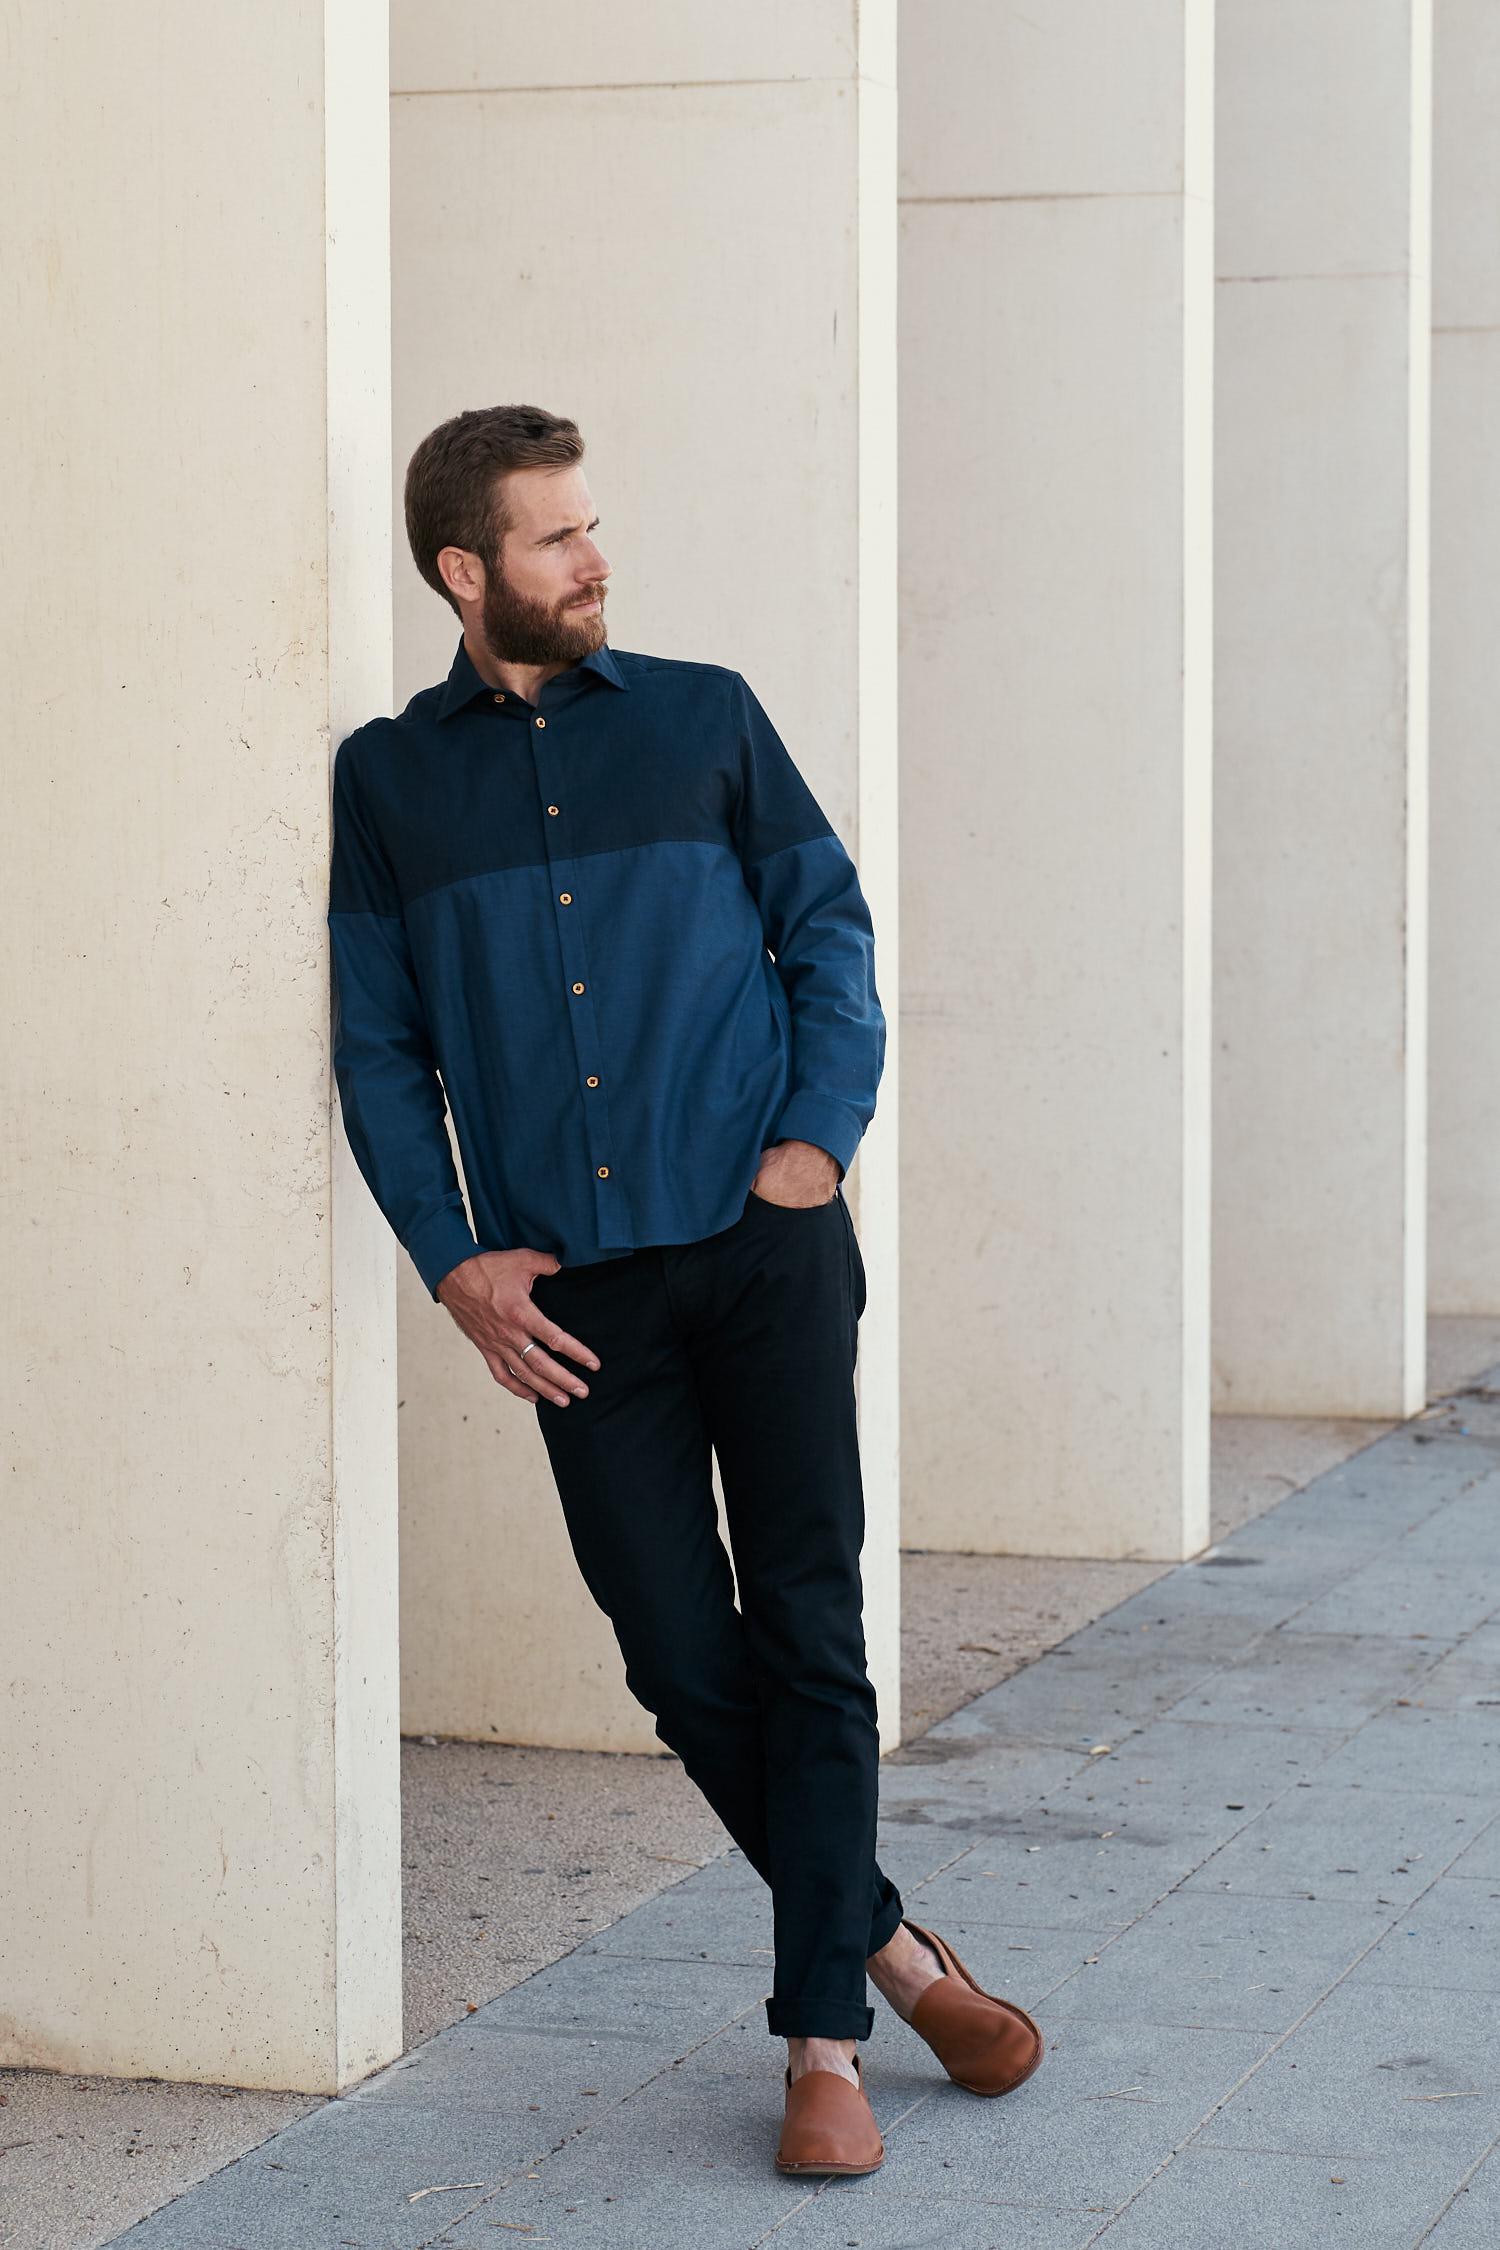 Homme portant une chemise bicolore bleue en chambray de coton biologique fabriquée en France par les ateliers Gauthier. Boutons en bois. Photo prise à la médiathèque de Frontignan. Architecte Tautem